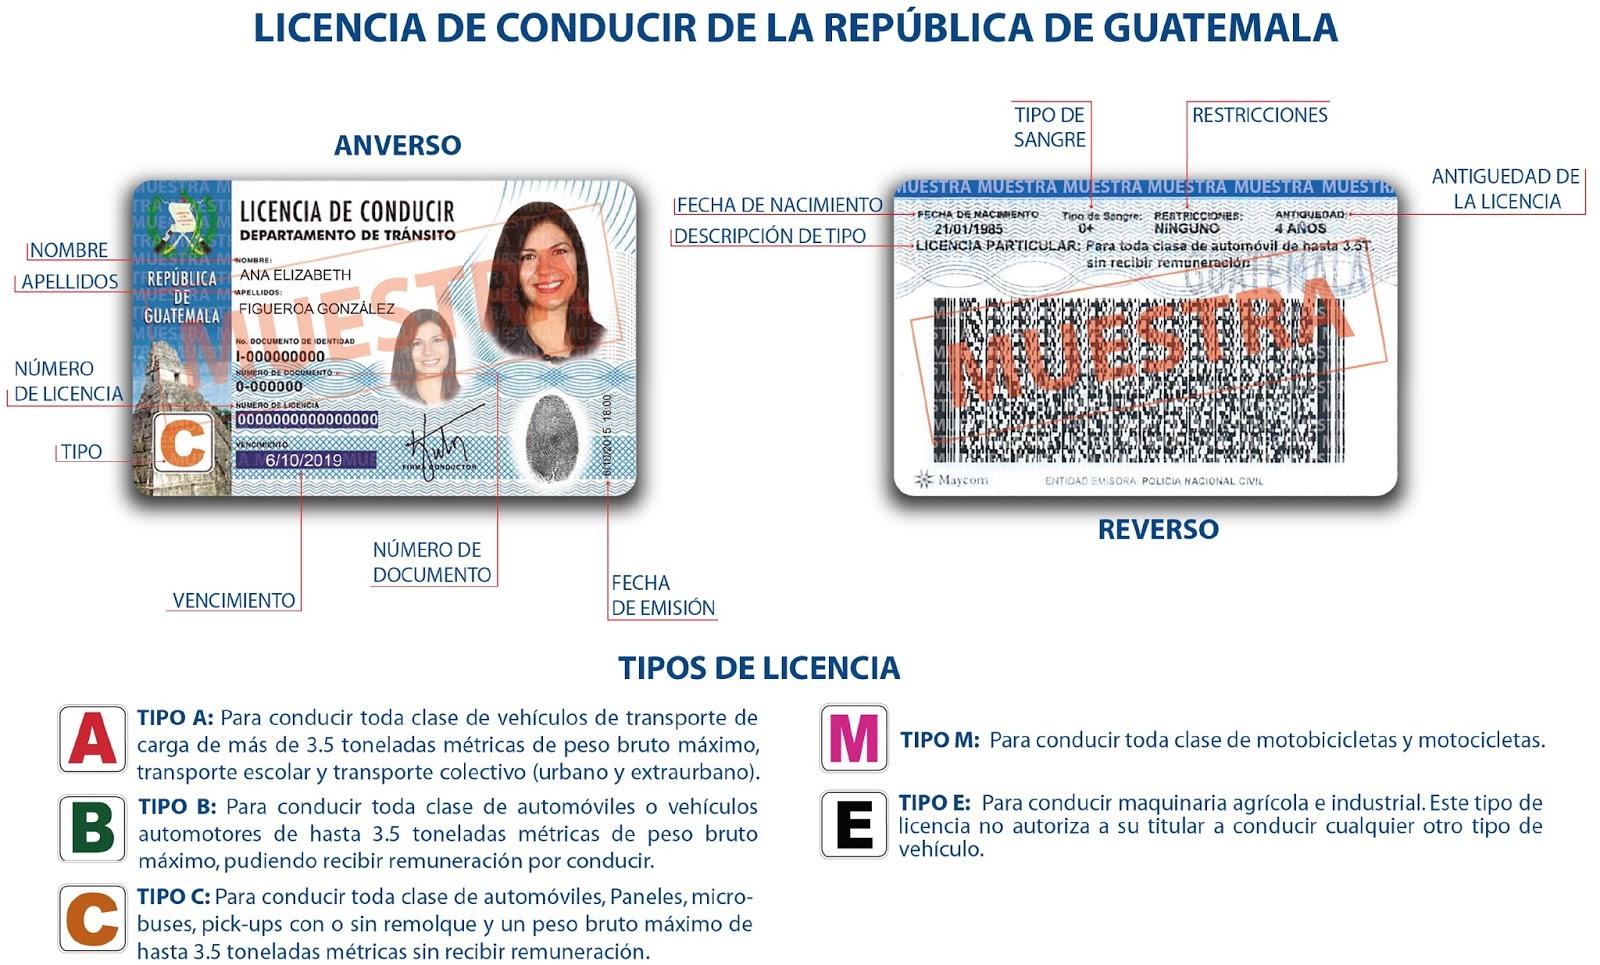 Licencia De Conducir: LICENCIAS DE CONDUCIR EN GUATEMALA: TIPO DE LICENCIA EN